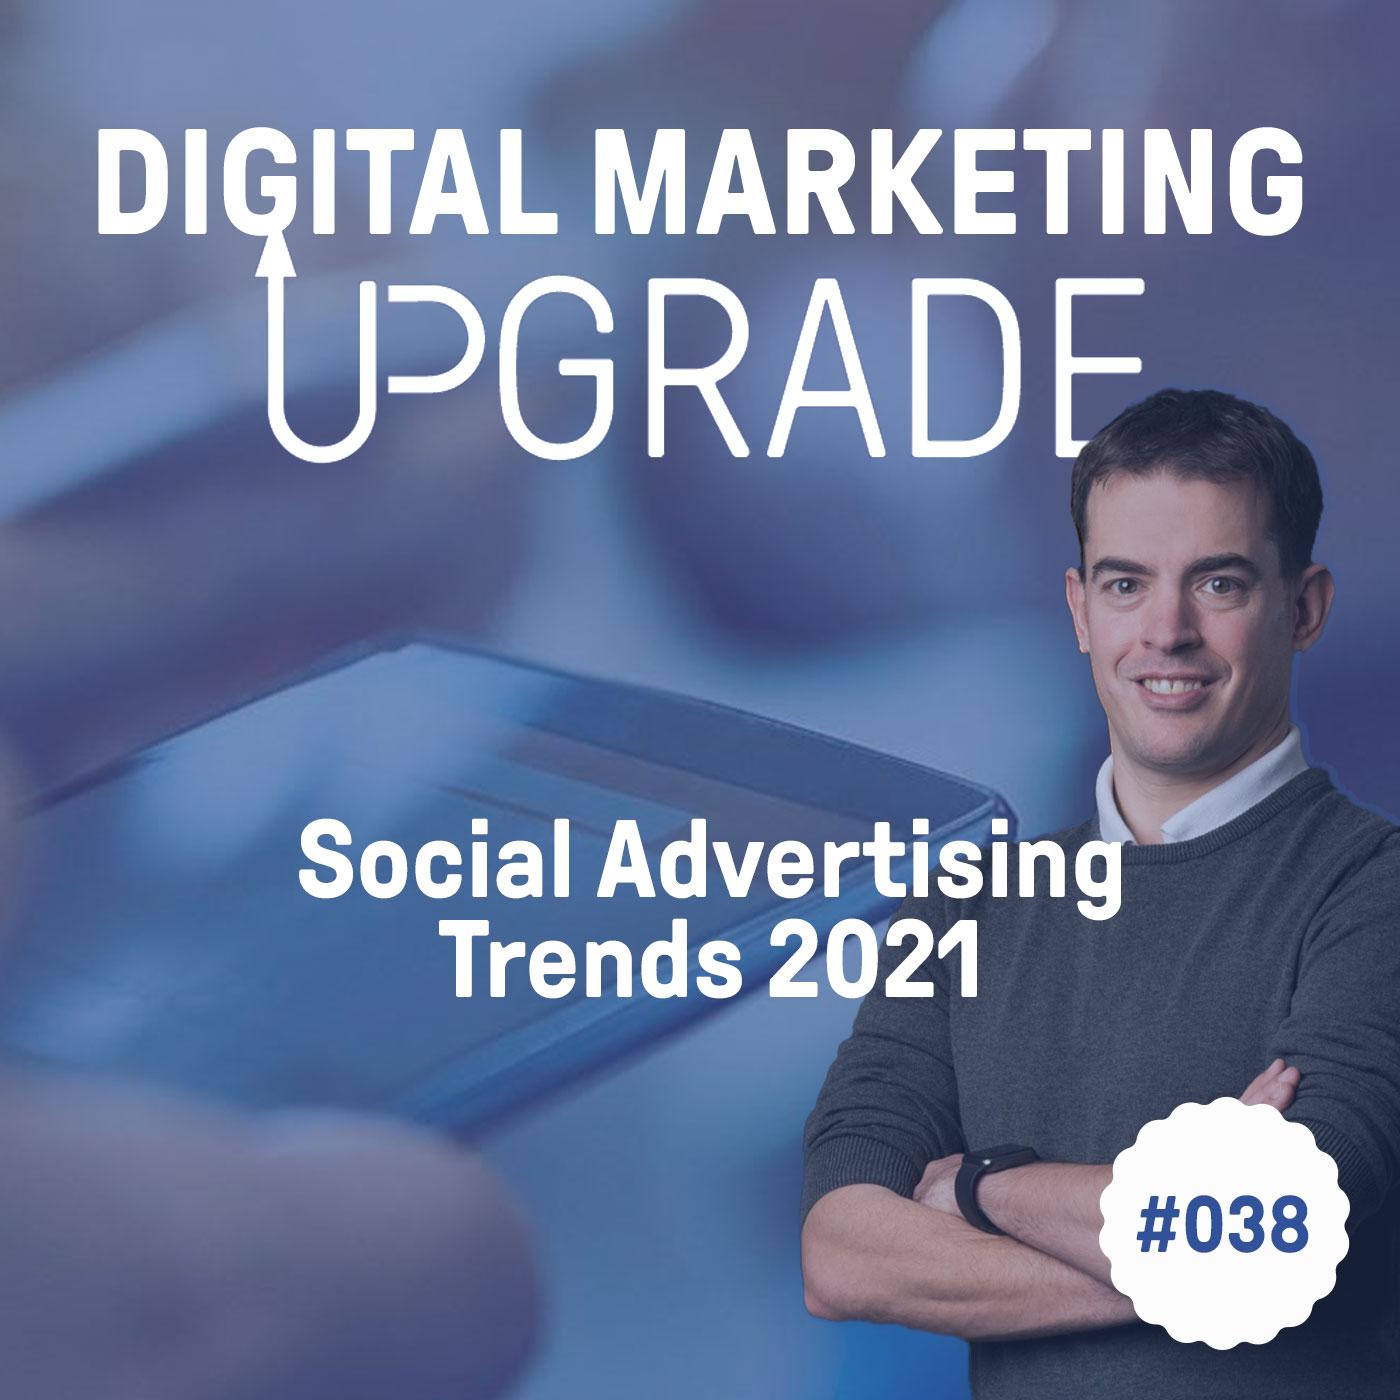 Social Advertising Trends 2021 #038